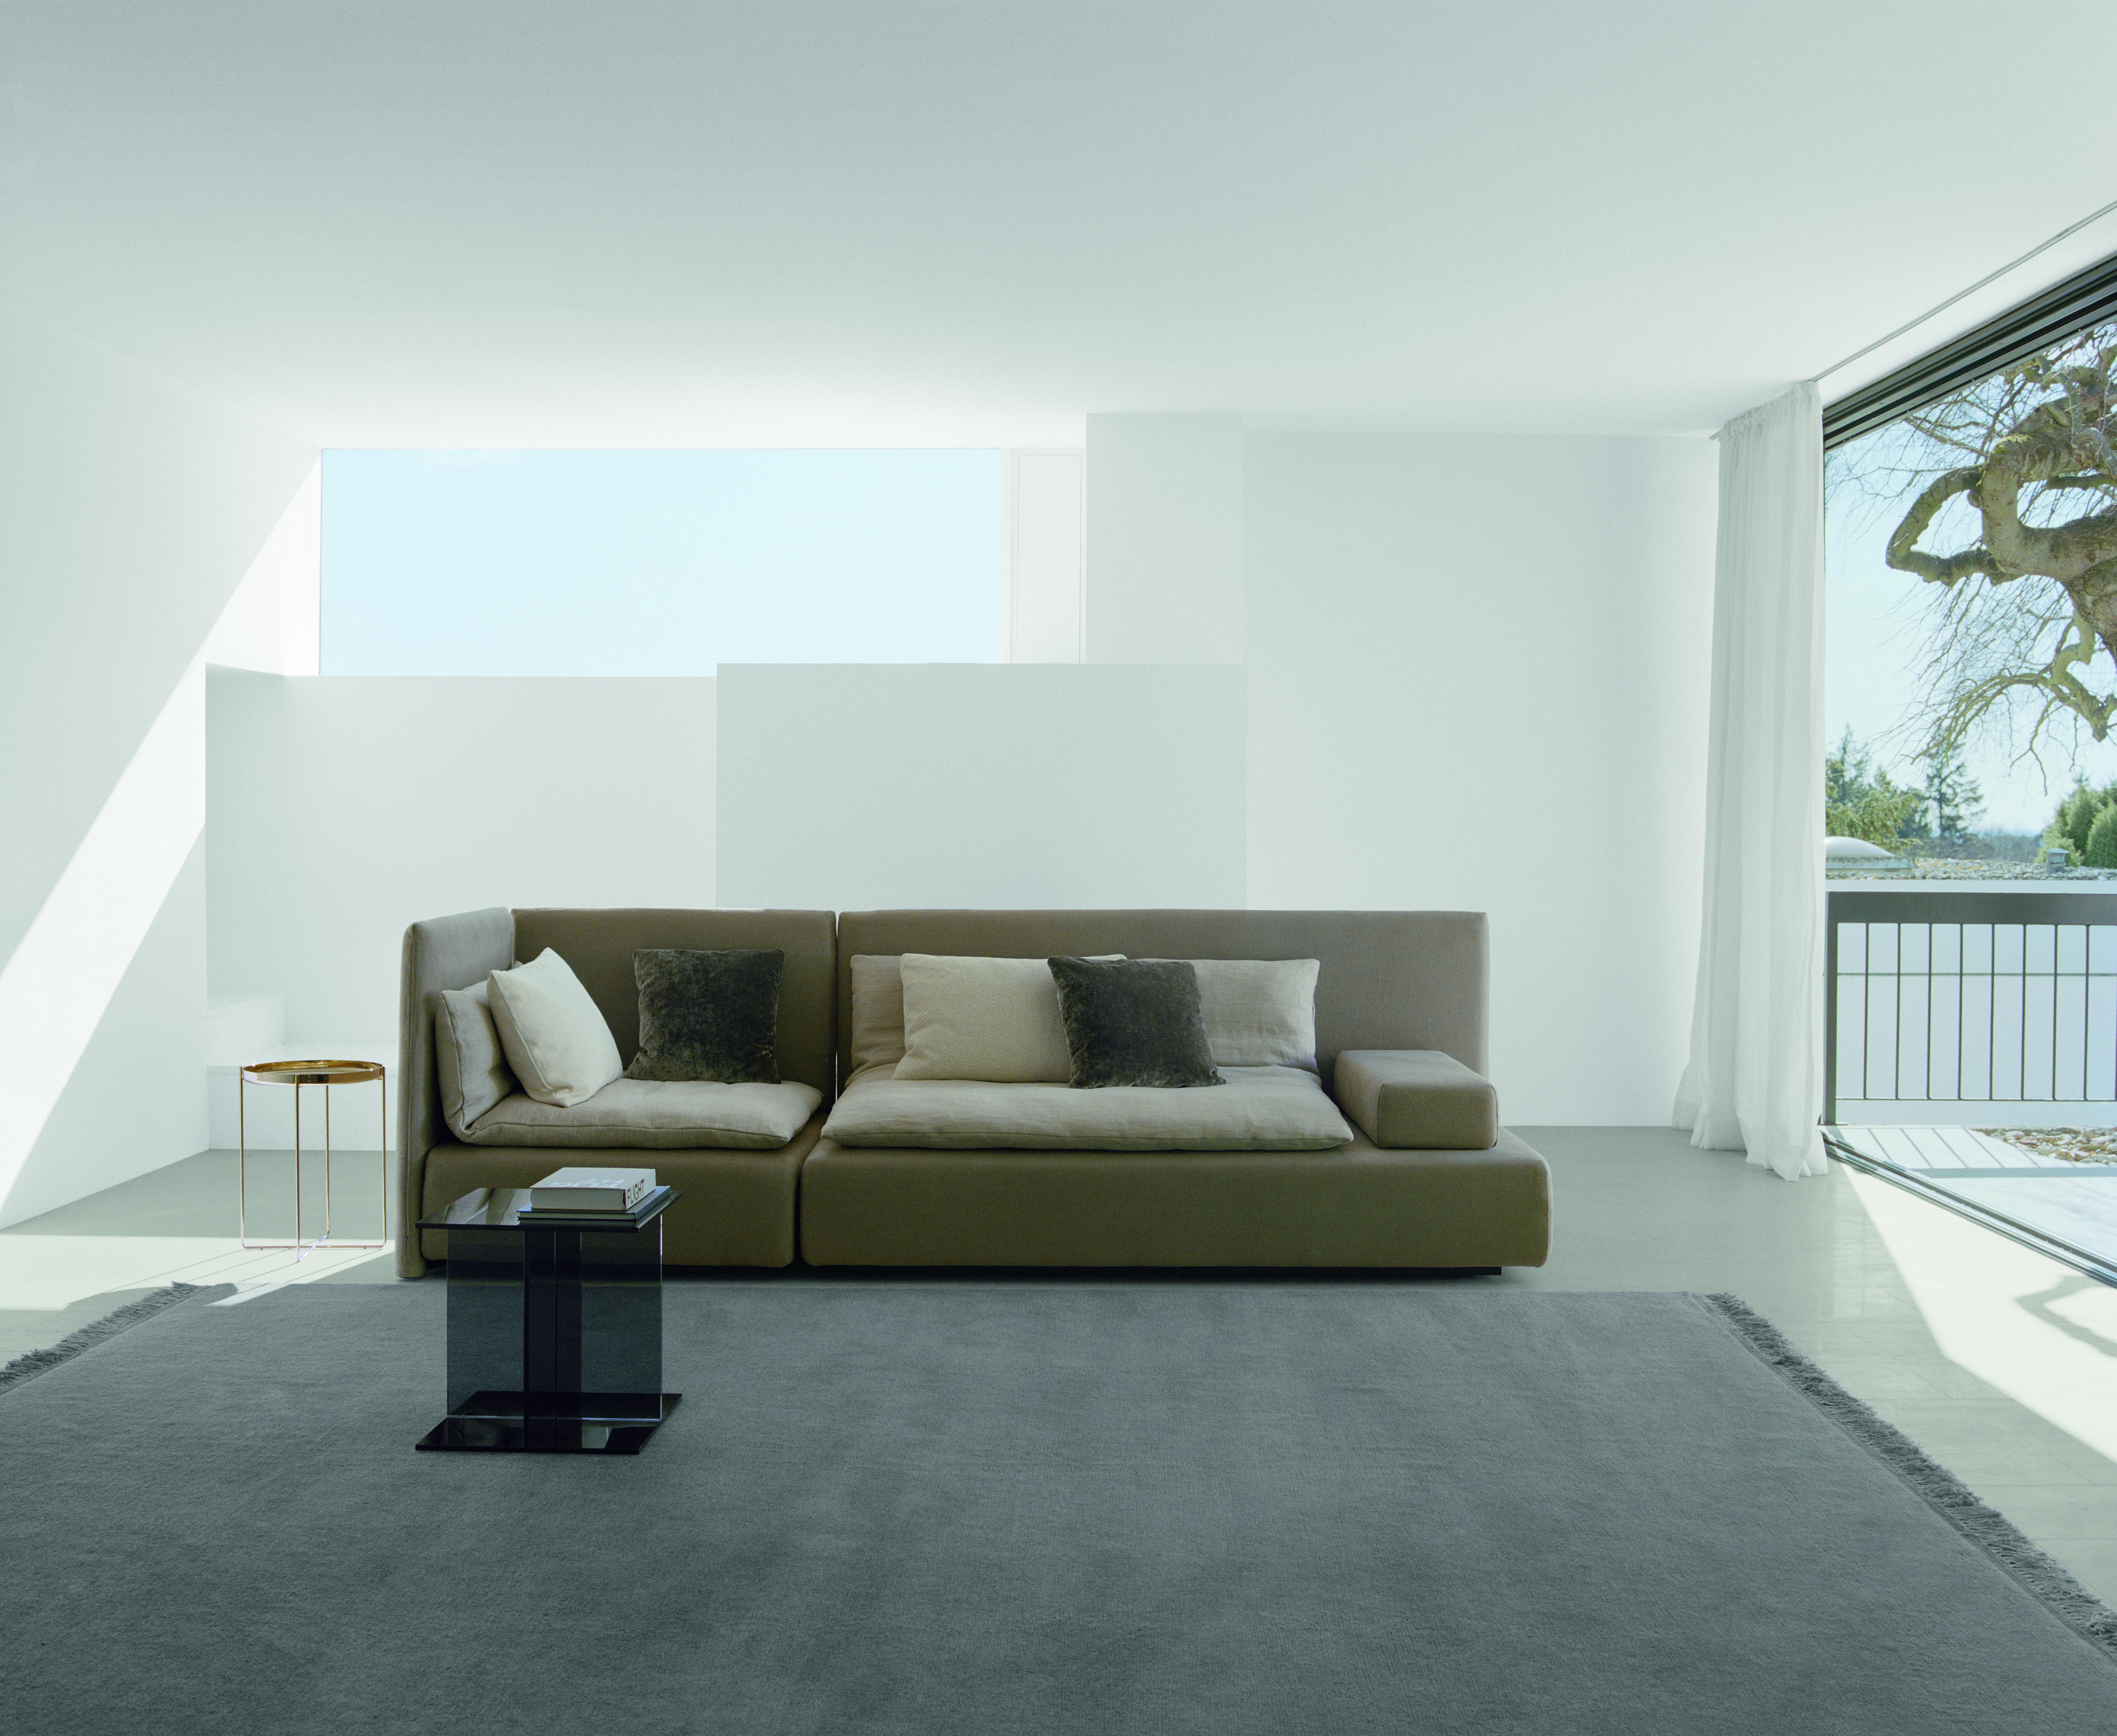 Platzsparende Mobel Furs Wohnzimmer Schlafsofa Design Ideen